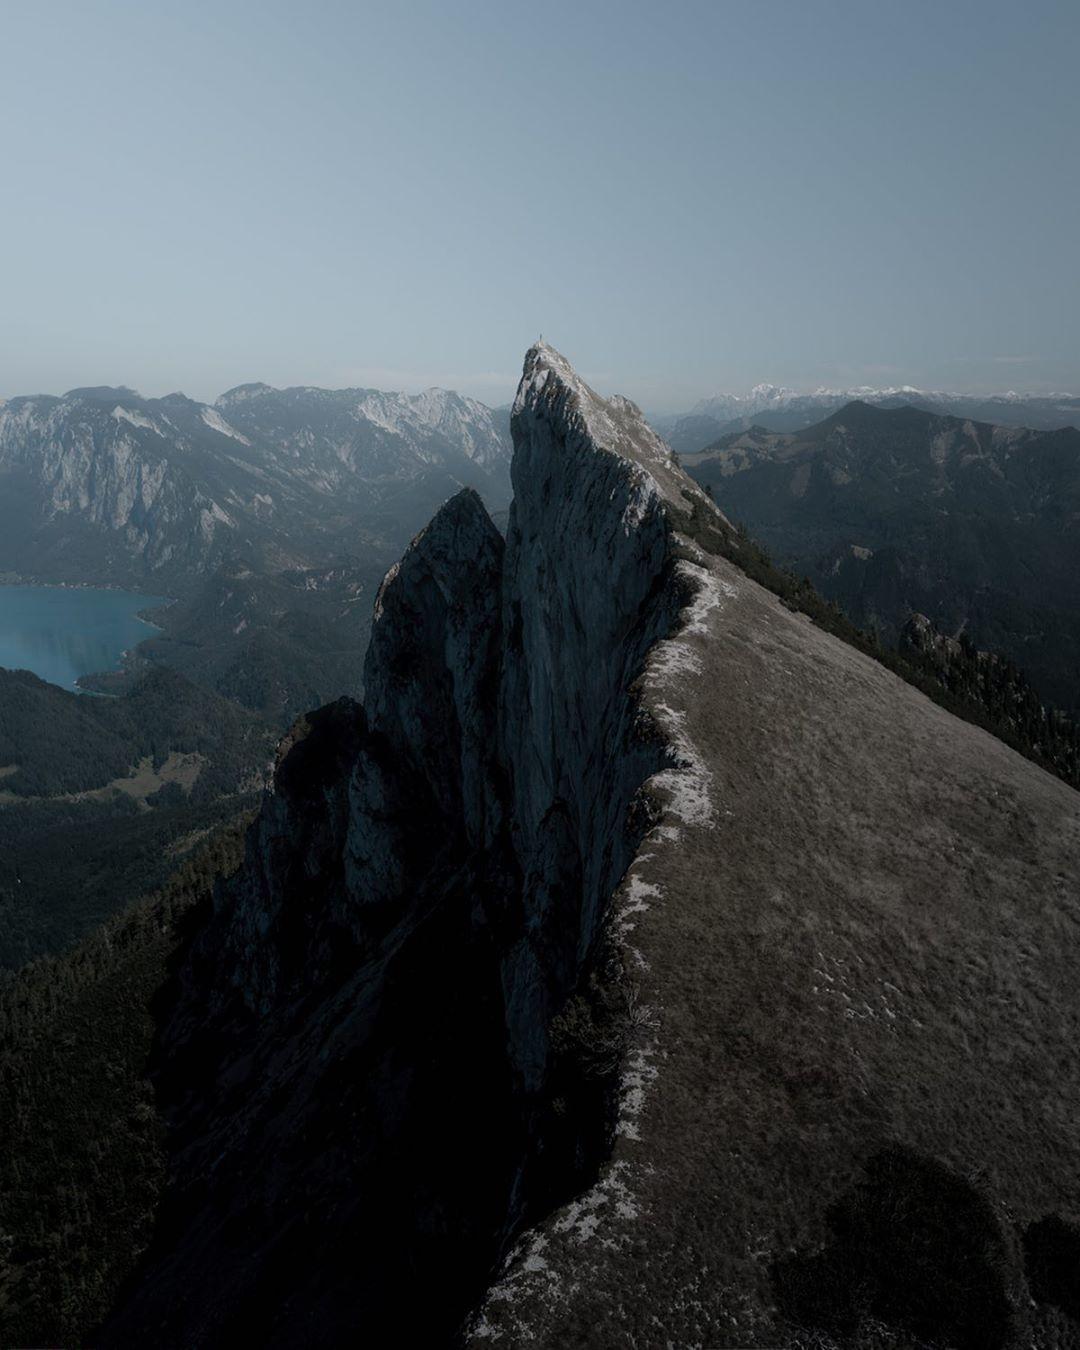 montaña fotografiada con dron